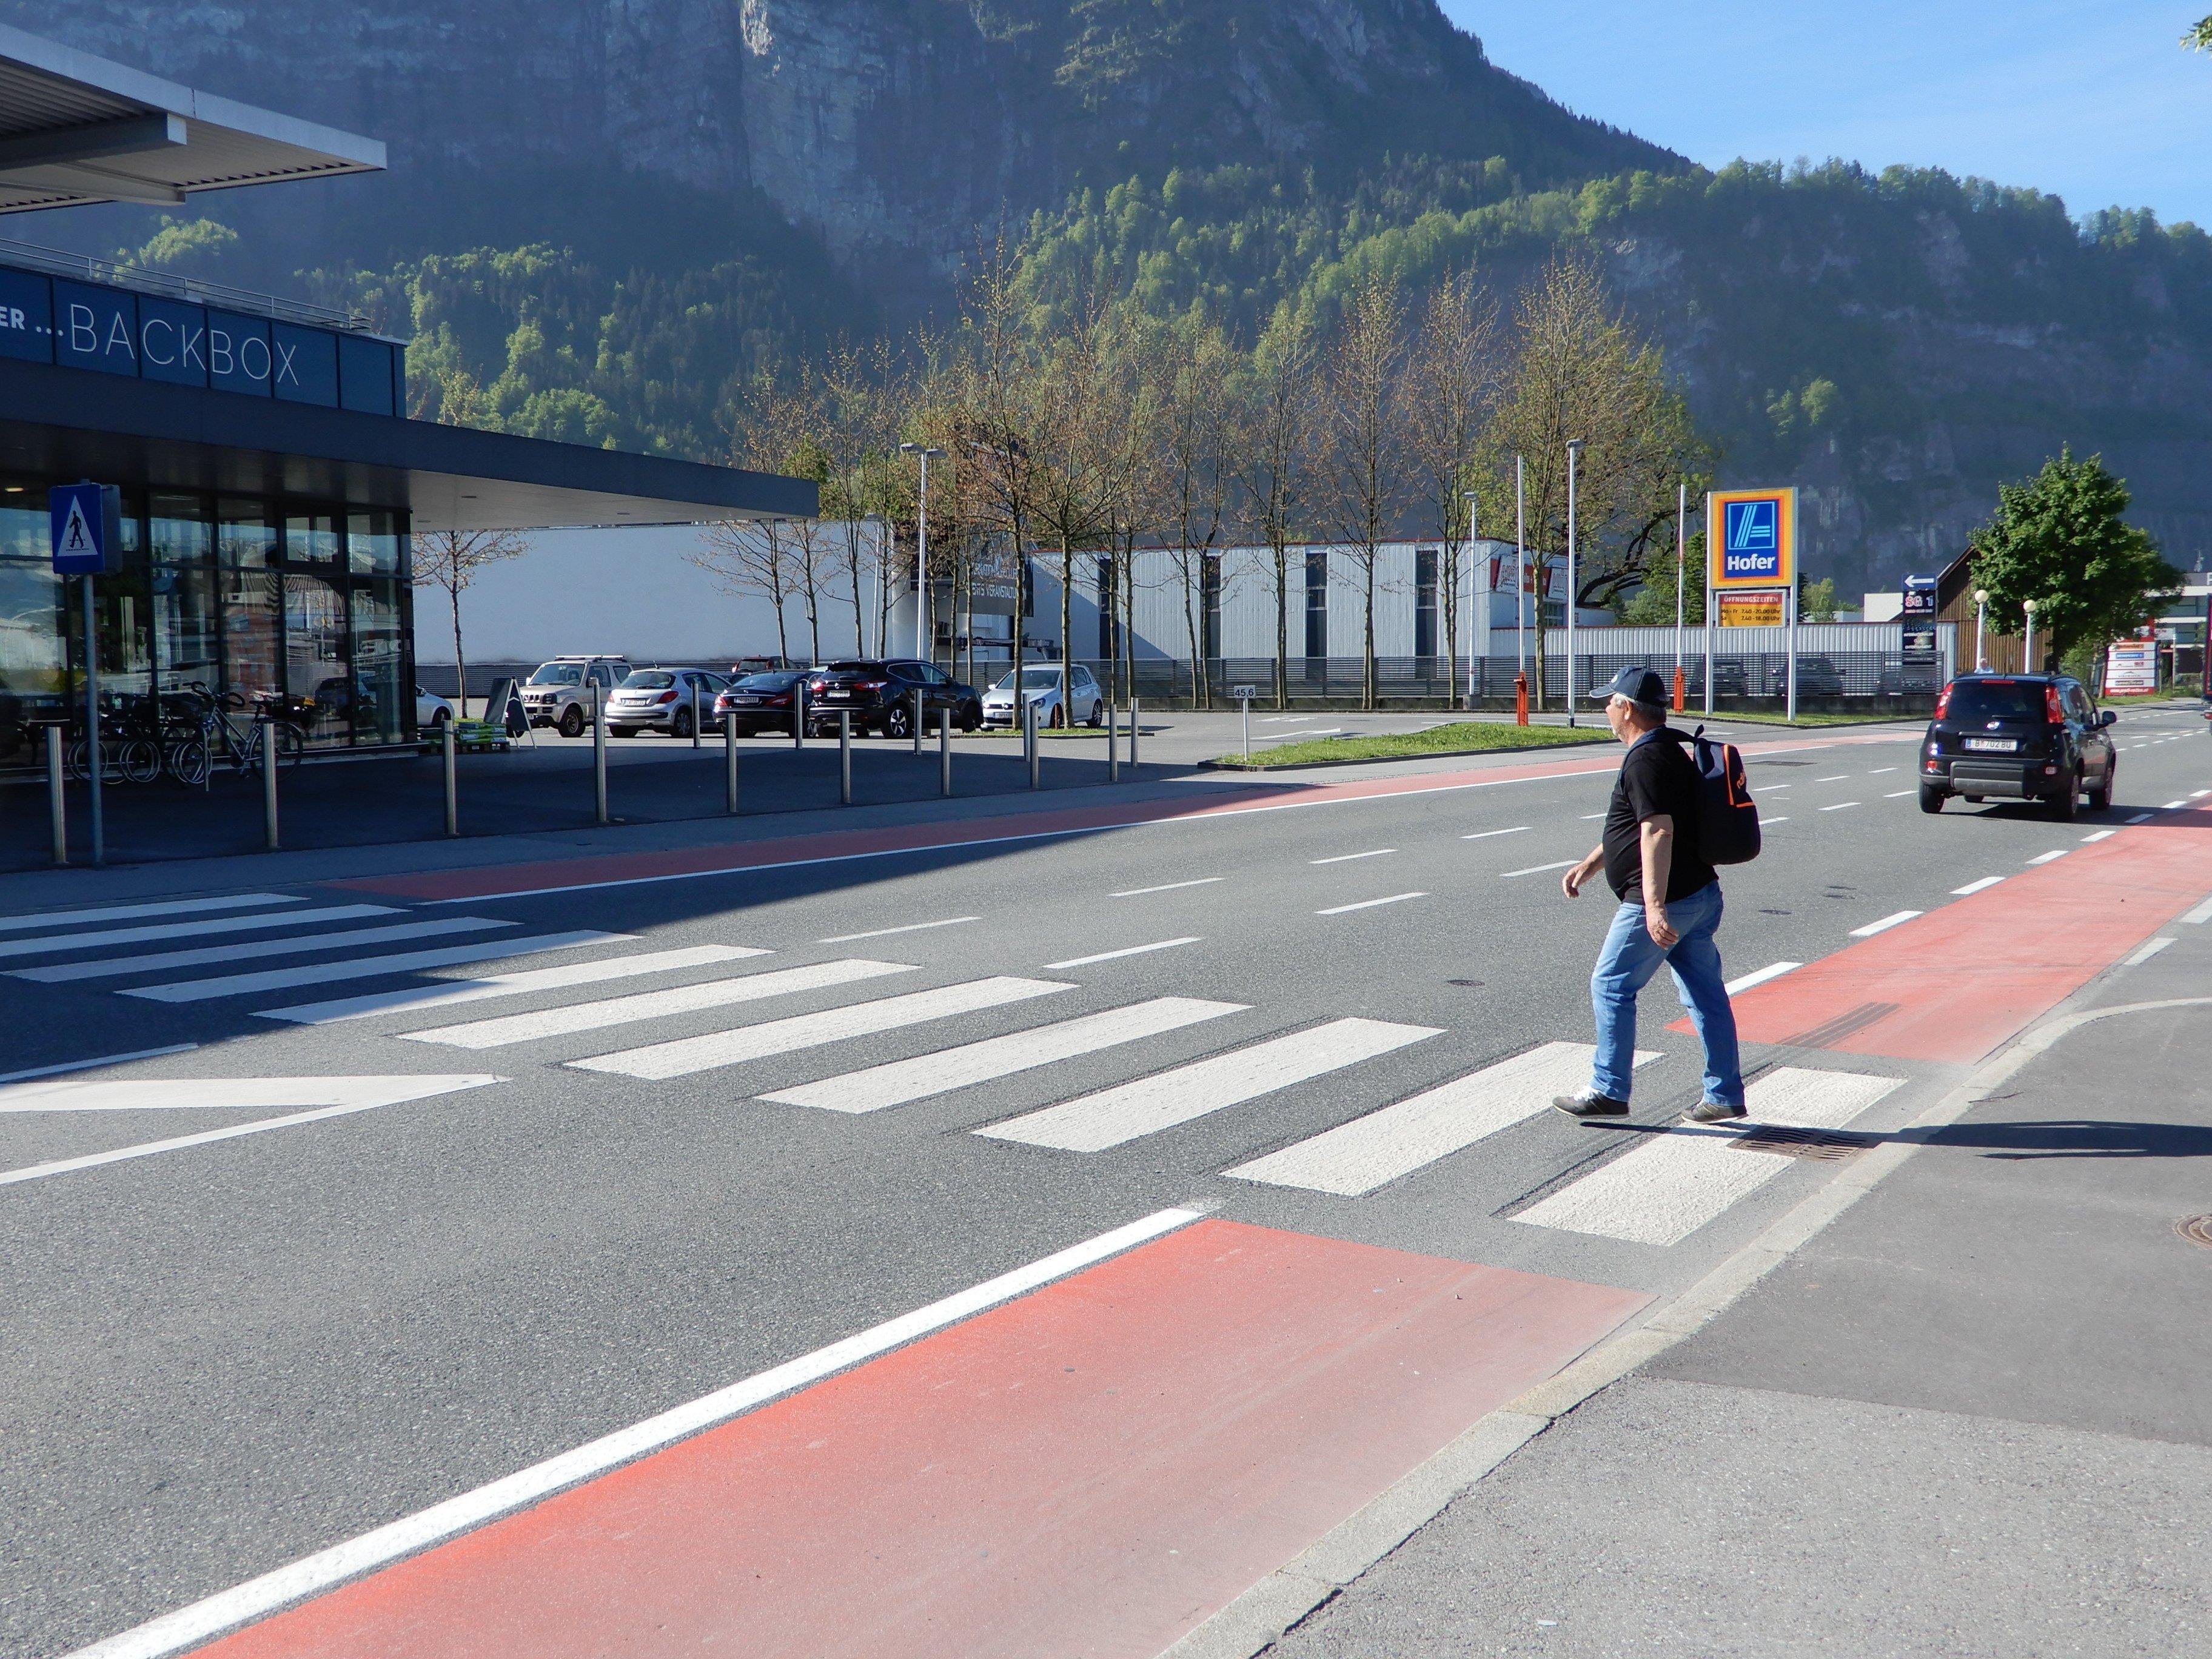 Beim Zebrastreifen vor der Hofer-Filiale im Wallenmahd soll es immer wieder zu gefährlichen Situationen kommen.